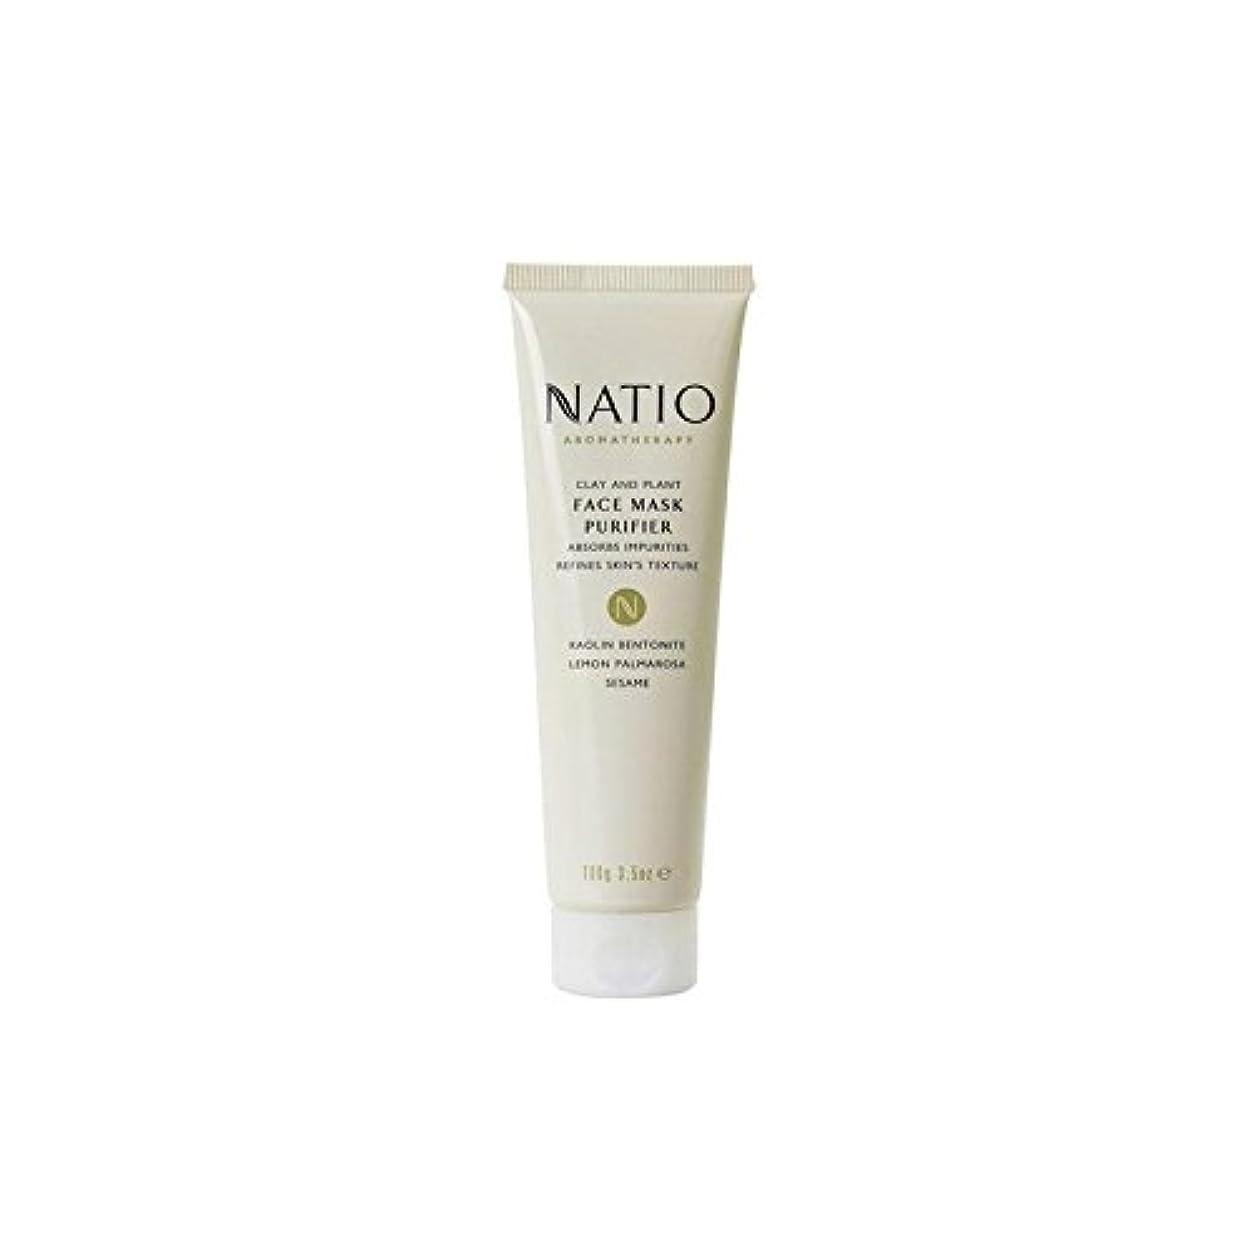 送る悲しいことに糞粘土&植物フェイスマスクの浄化(100グラム) x2 - Natio Clay & Plant Face Mask Purifier (100G) (Pack of 2) [並行輸入品]